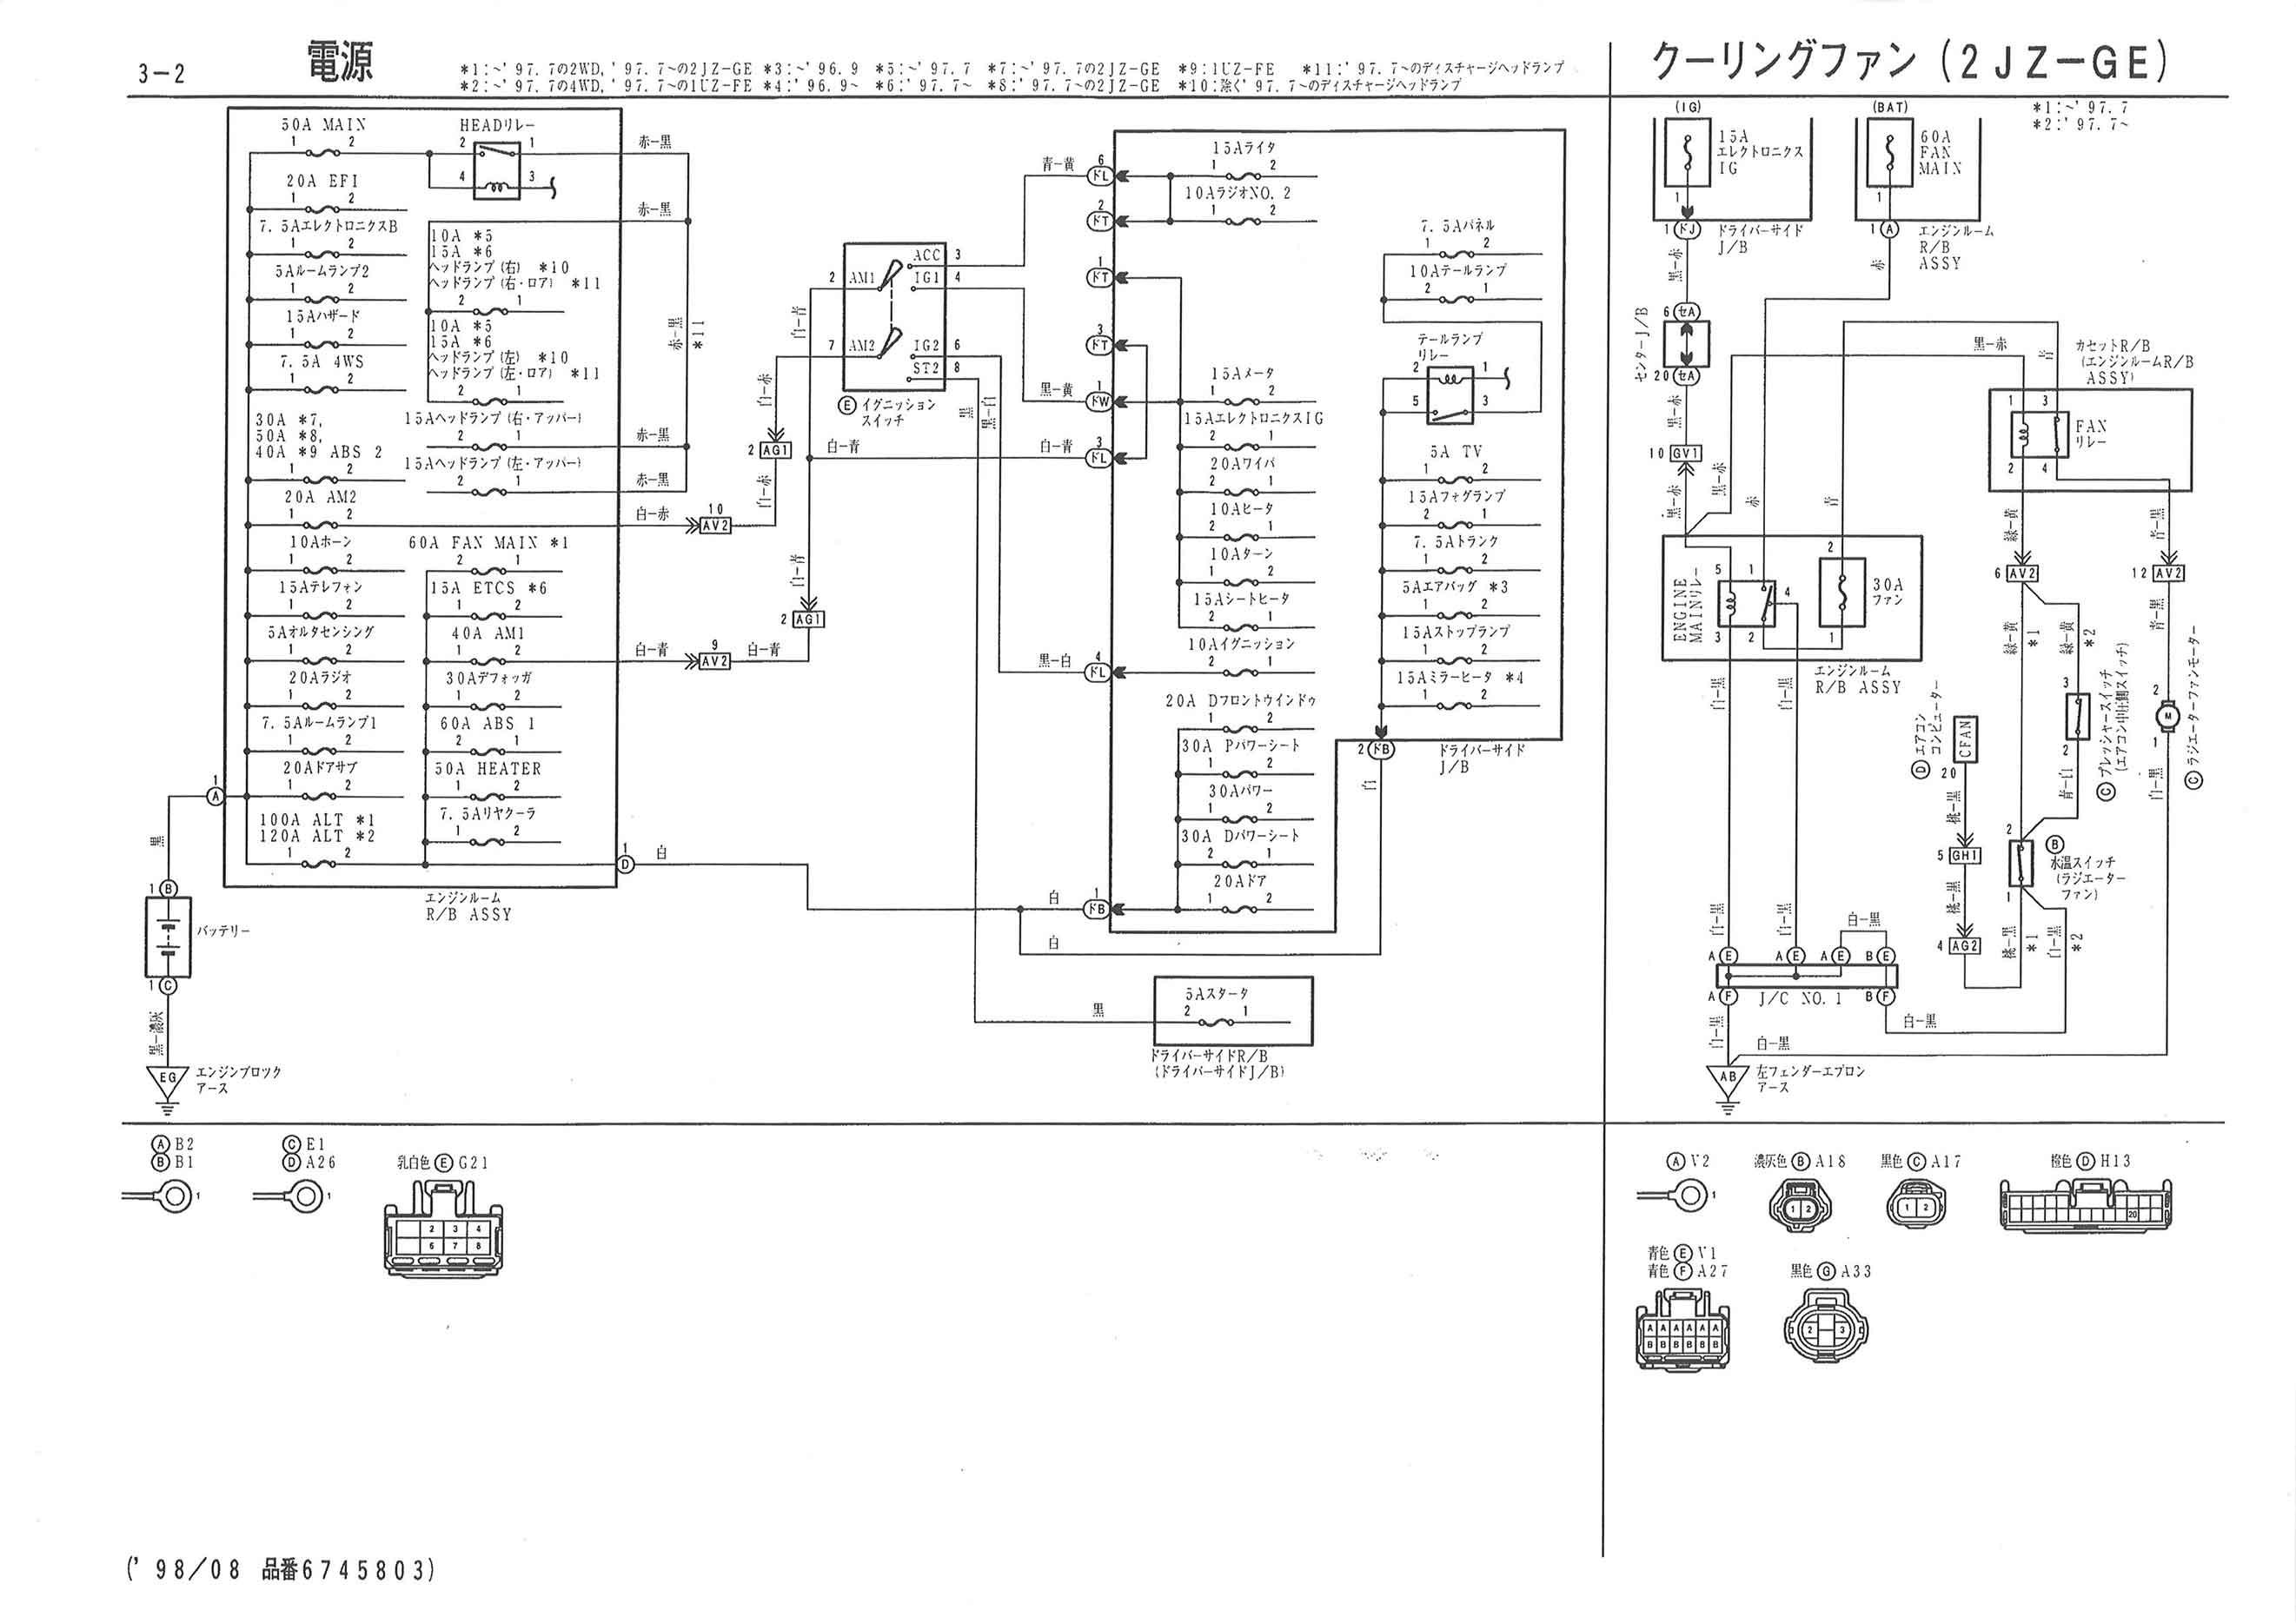 wilbo666 / 2JZ-GE VVTi JZS155 Crown Engine Wiring